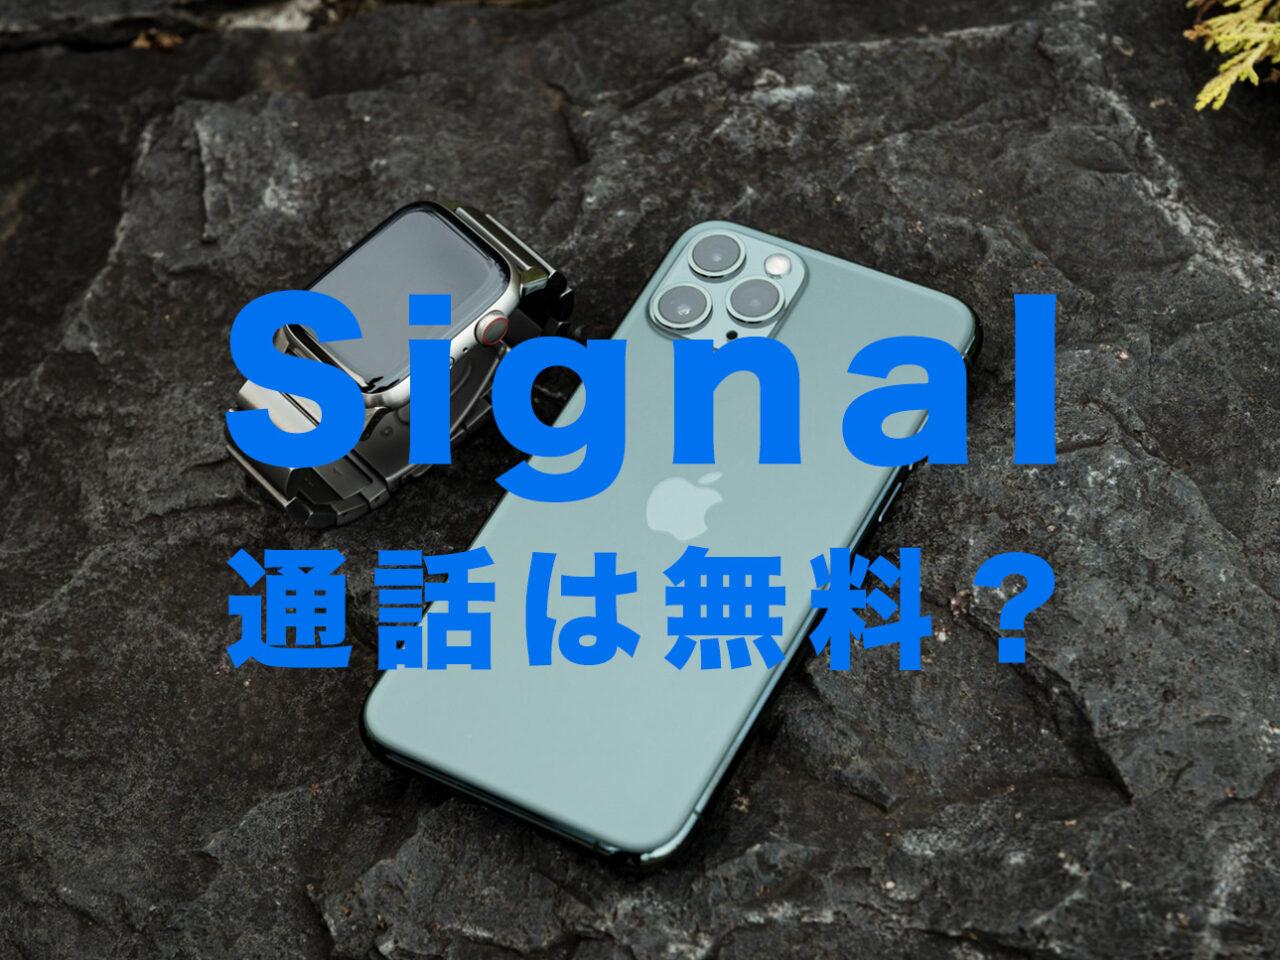 Signal(シグナル)の通話料やビデオ通話は無料?【メッセージアプリ】のサムネイル画像